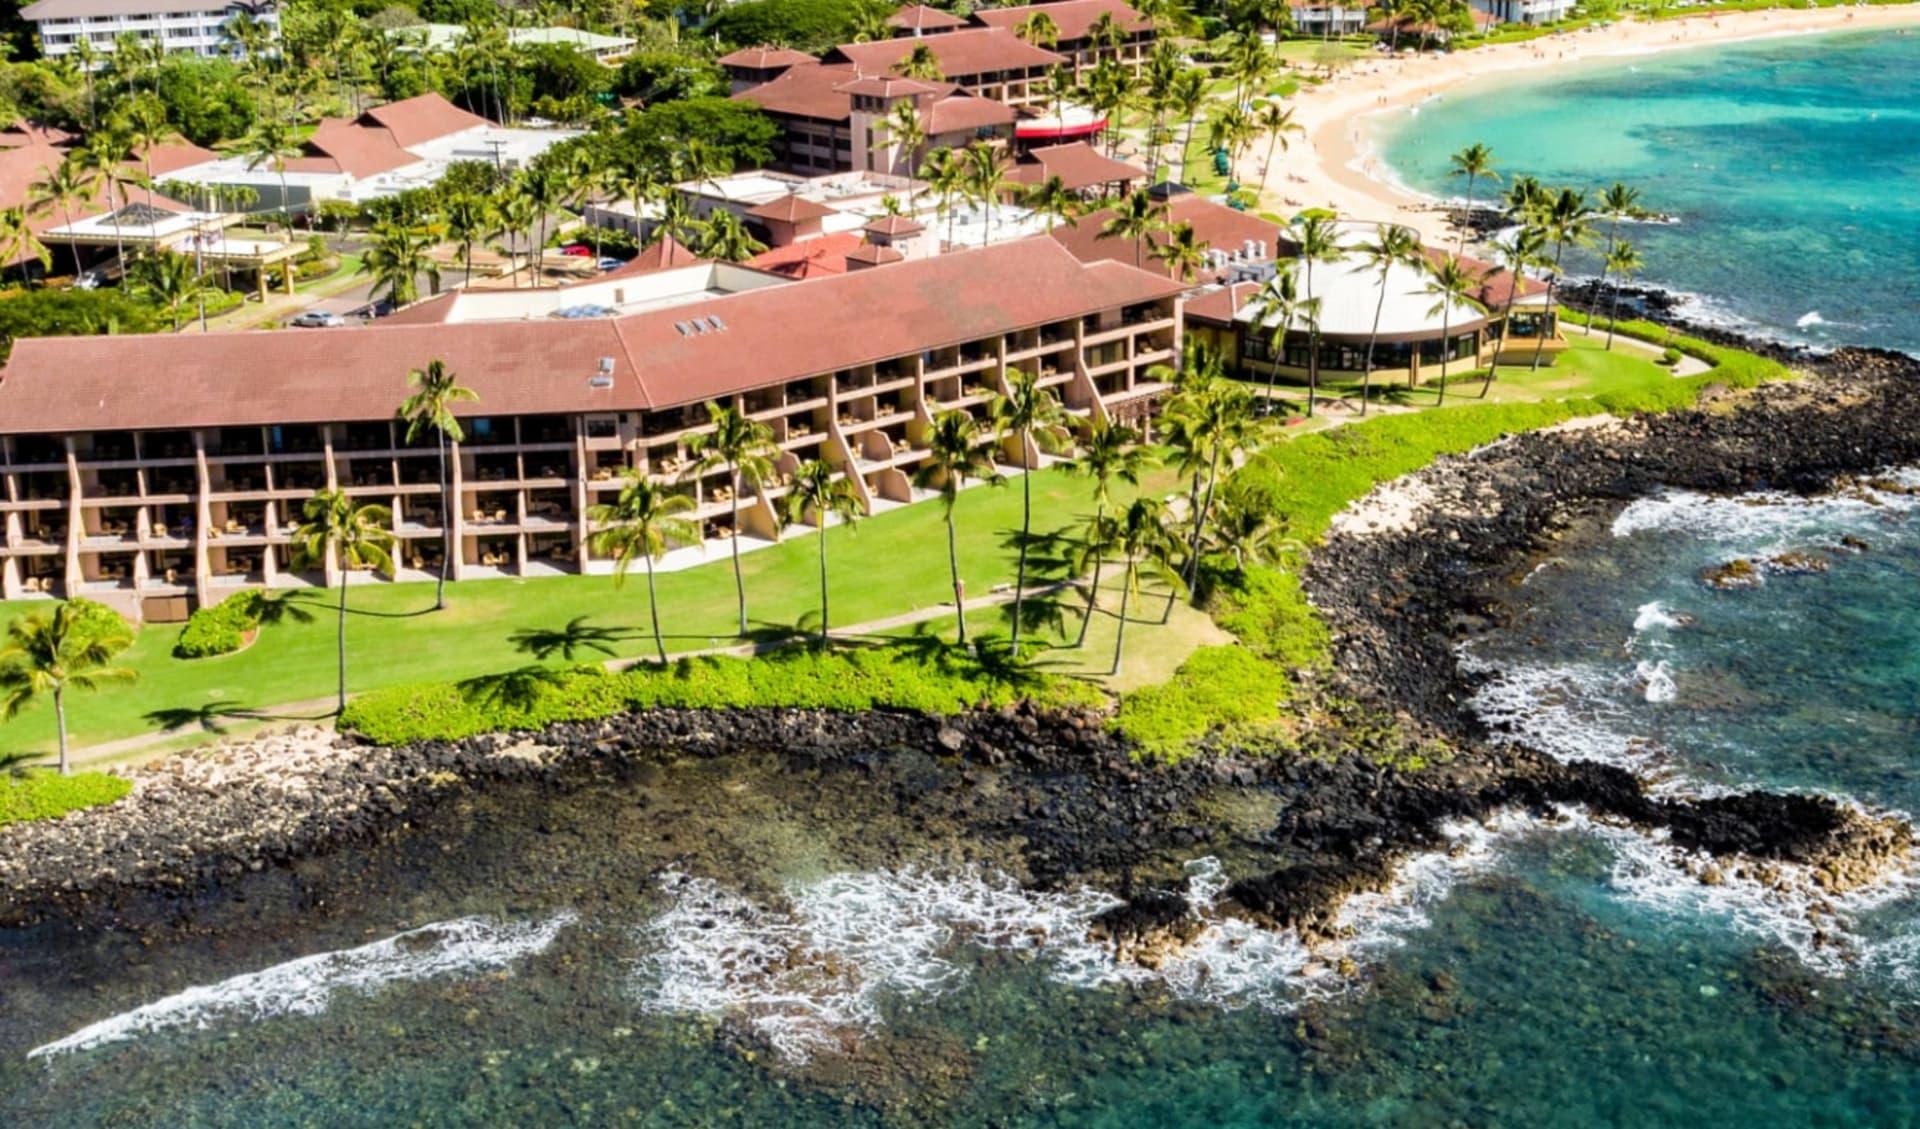 Sheraton Kauai Resort in Poipu - Kauai: Exterior_Sheraton Kauai Resort_Aussenansicht_Hotelchain